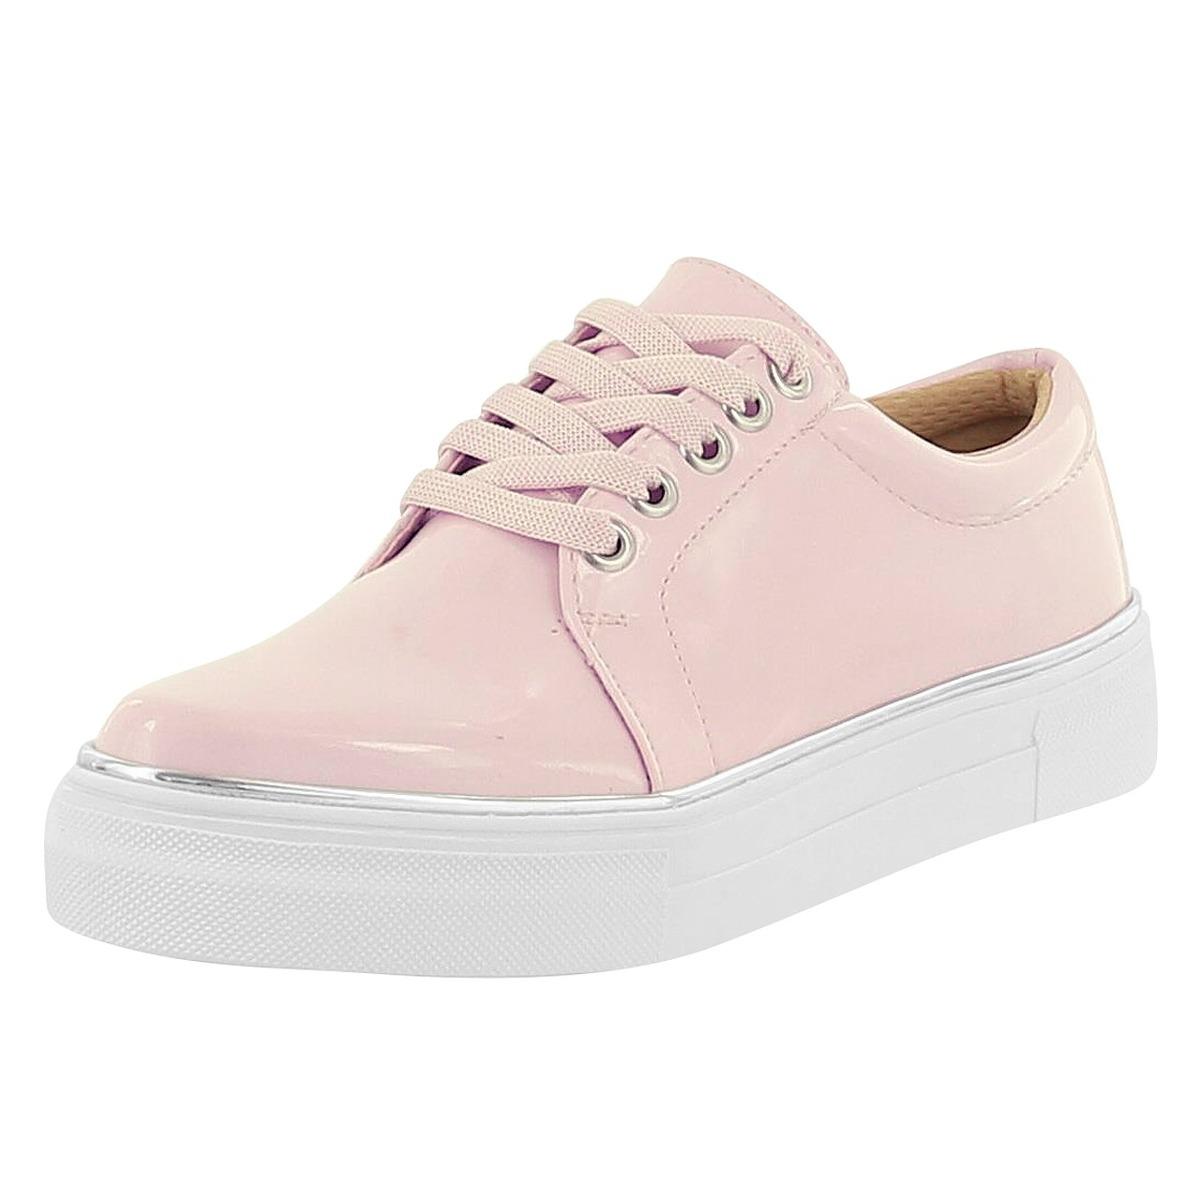 nuevo diseño retro amplia selección de colores Tenis Plataforma Dama Mujer Zapato Calzado Dorothy Gaynor